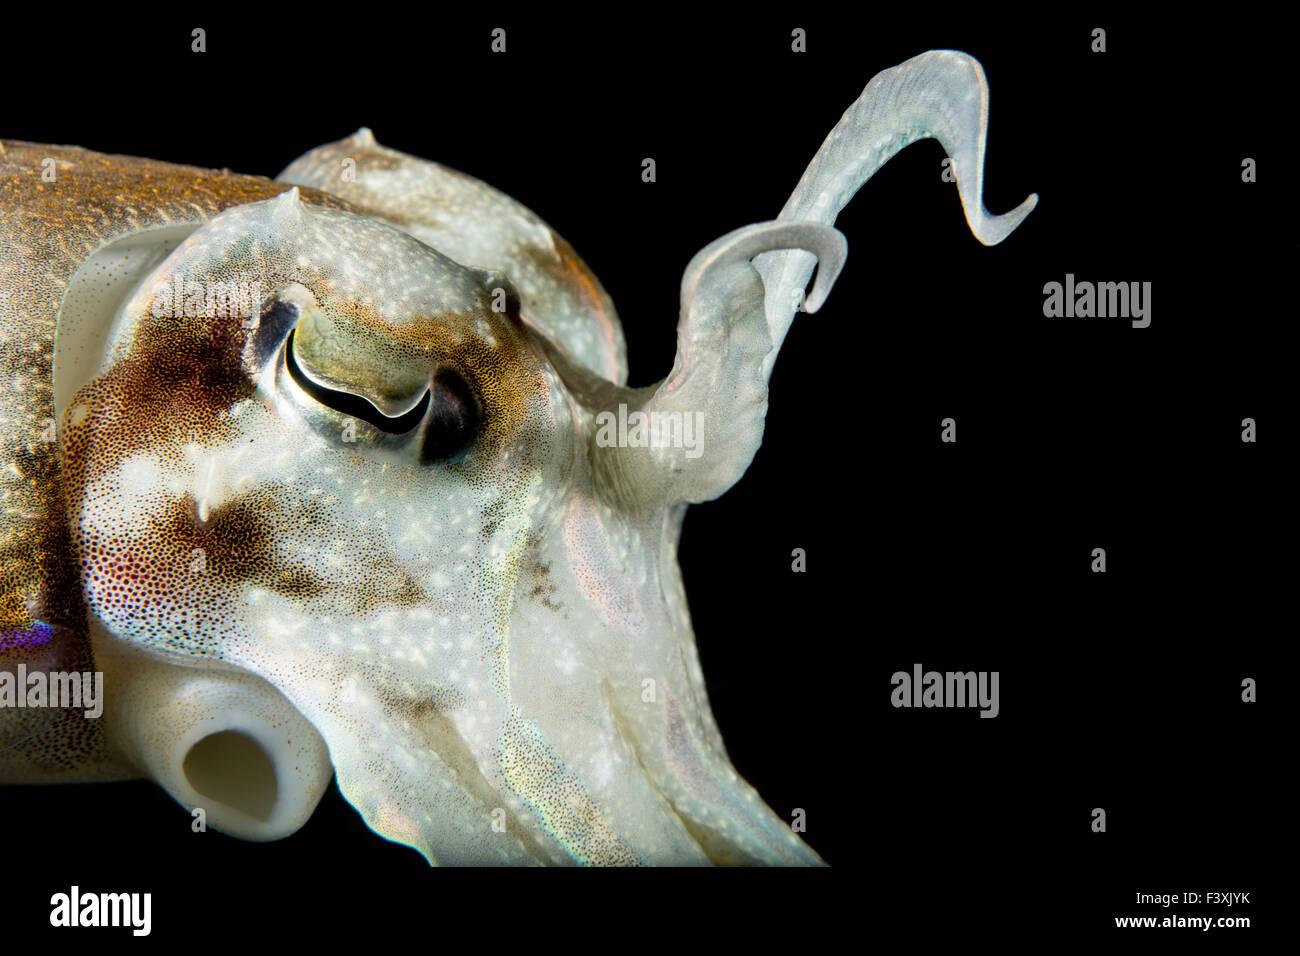 Bedrohliche Broadclub Tintenfisch Tentakeln auf schwarzem Hintergrund anzeigen Stockbild